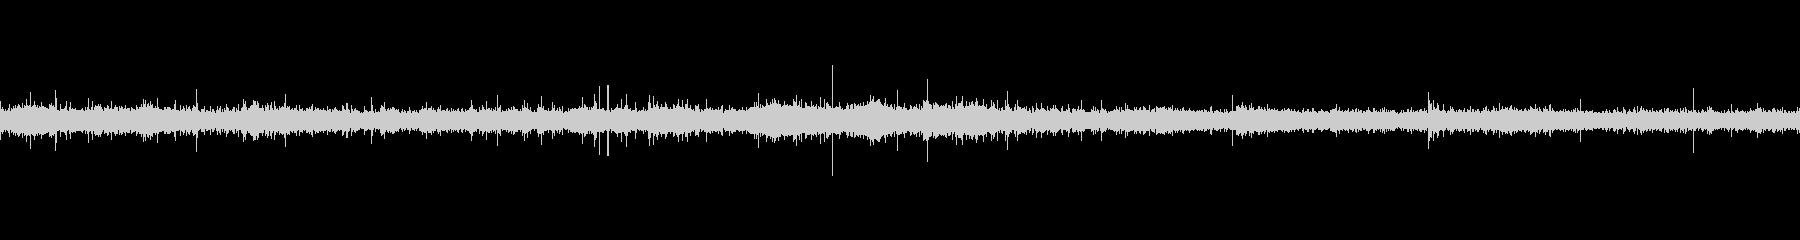 バイノーラル録音で肉を焼く音の未再生の波形